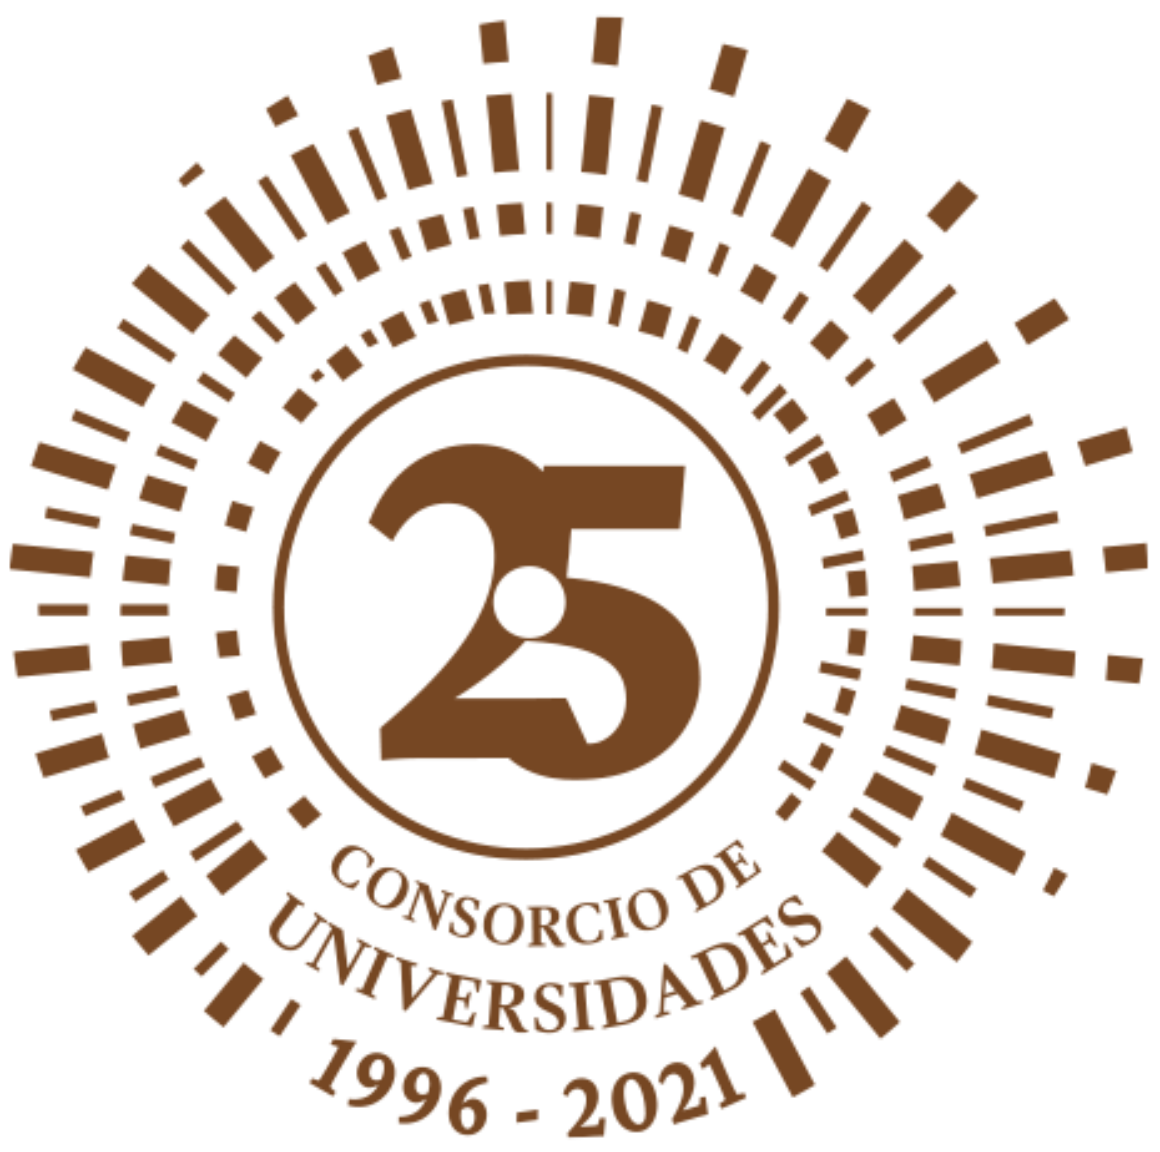 Consorcio de Universidades Logo